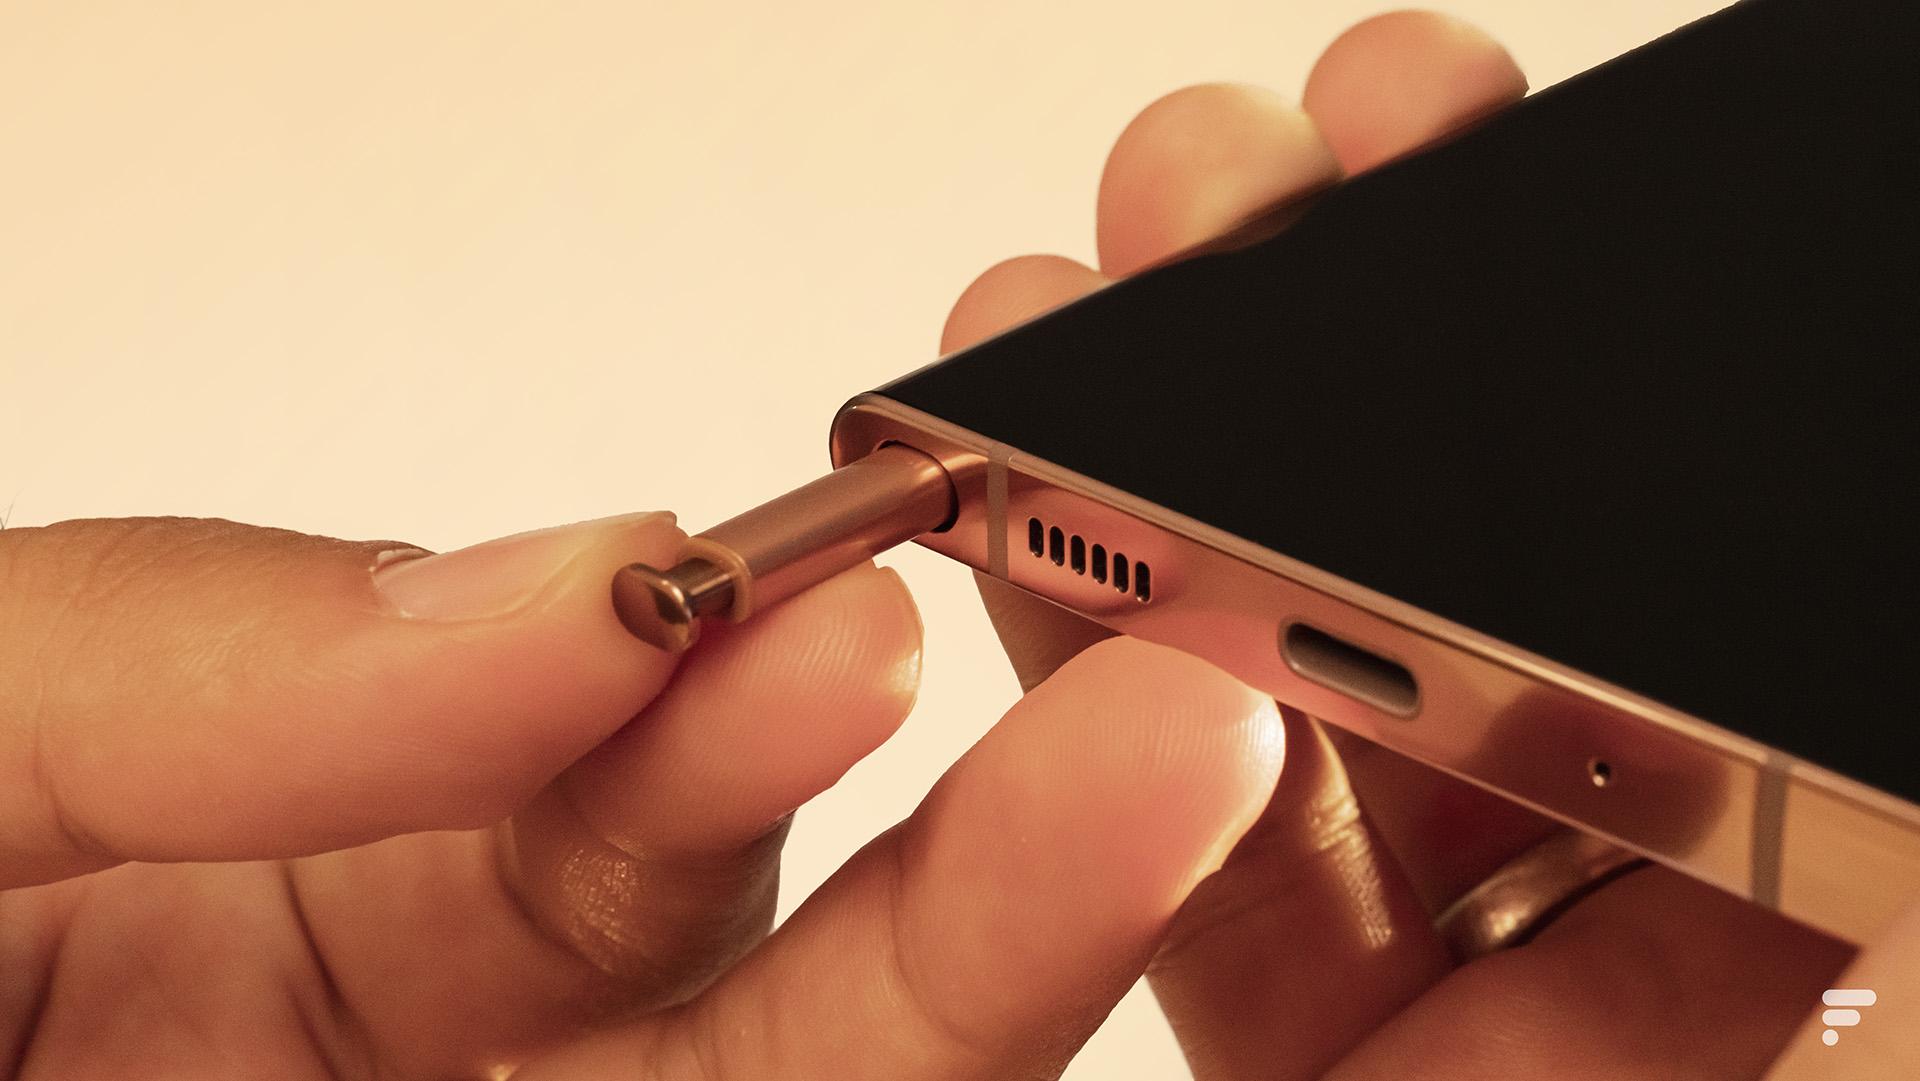 Galaxy Note : une pétition demande à Samsung de ne pas l'abandonner en 2022